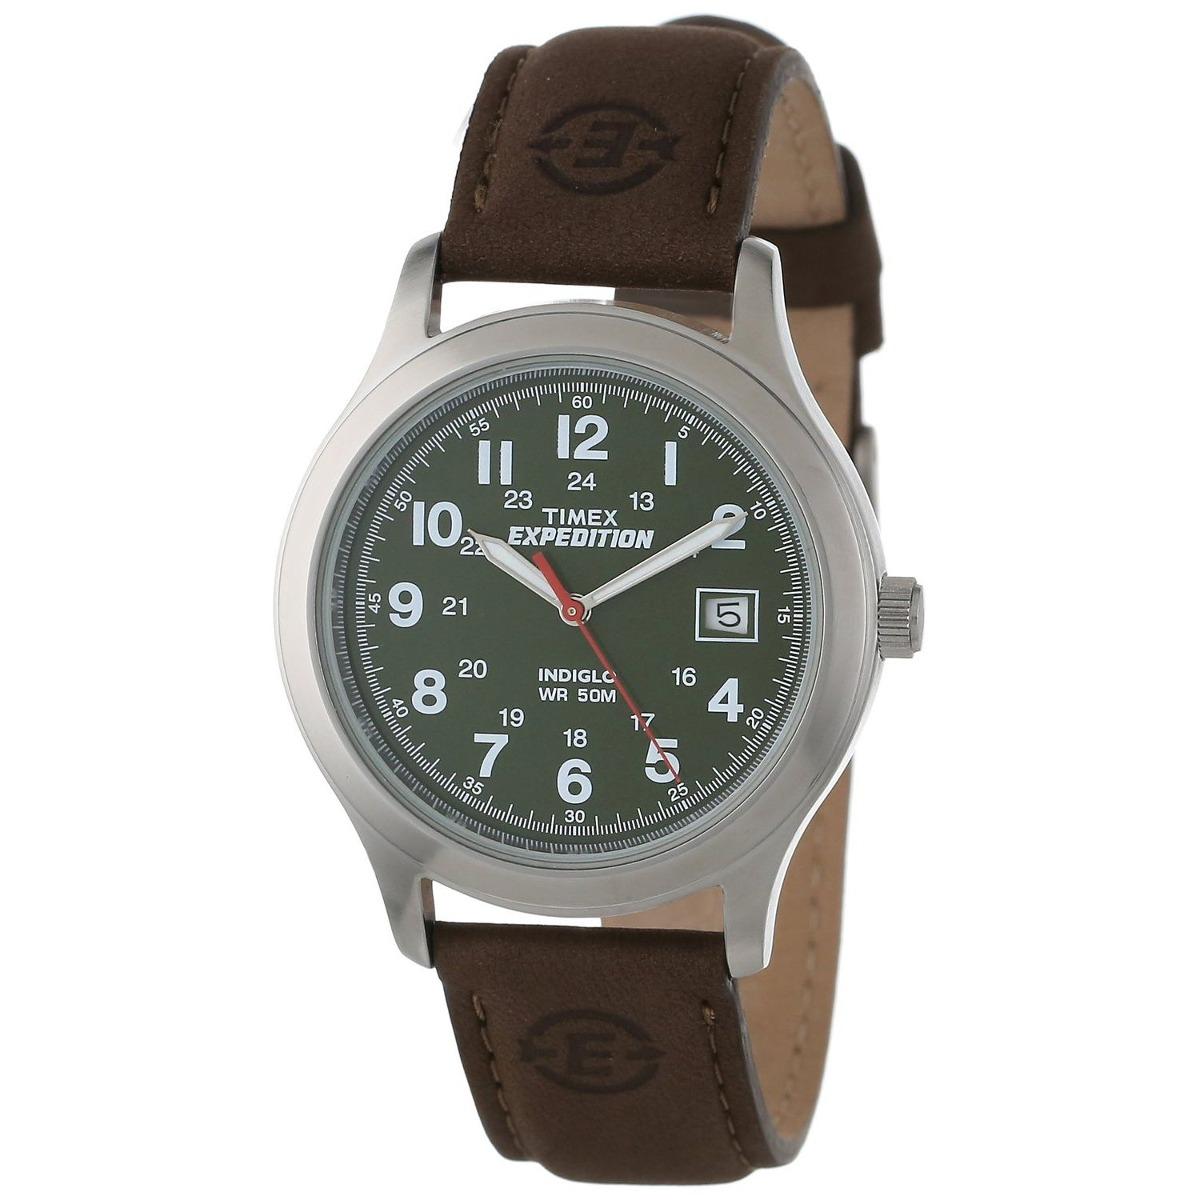 ab90fee40e90 Reloj Timex T40051 Expedition Para Hombre -   221.900 en Mercado Libre